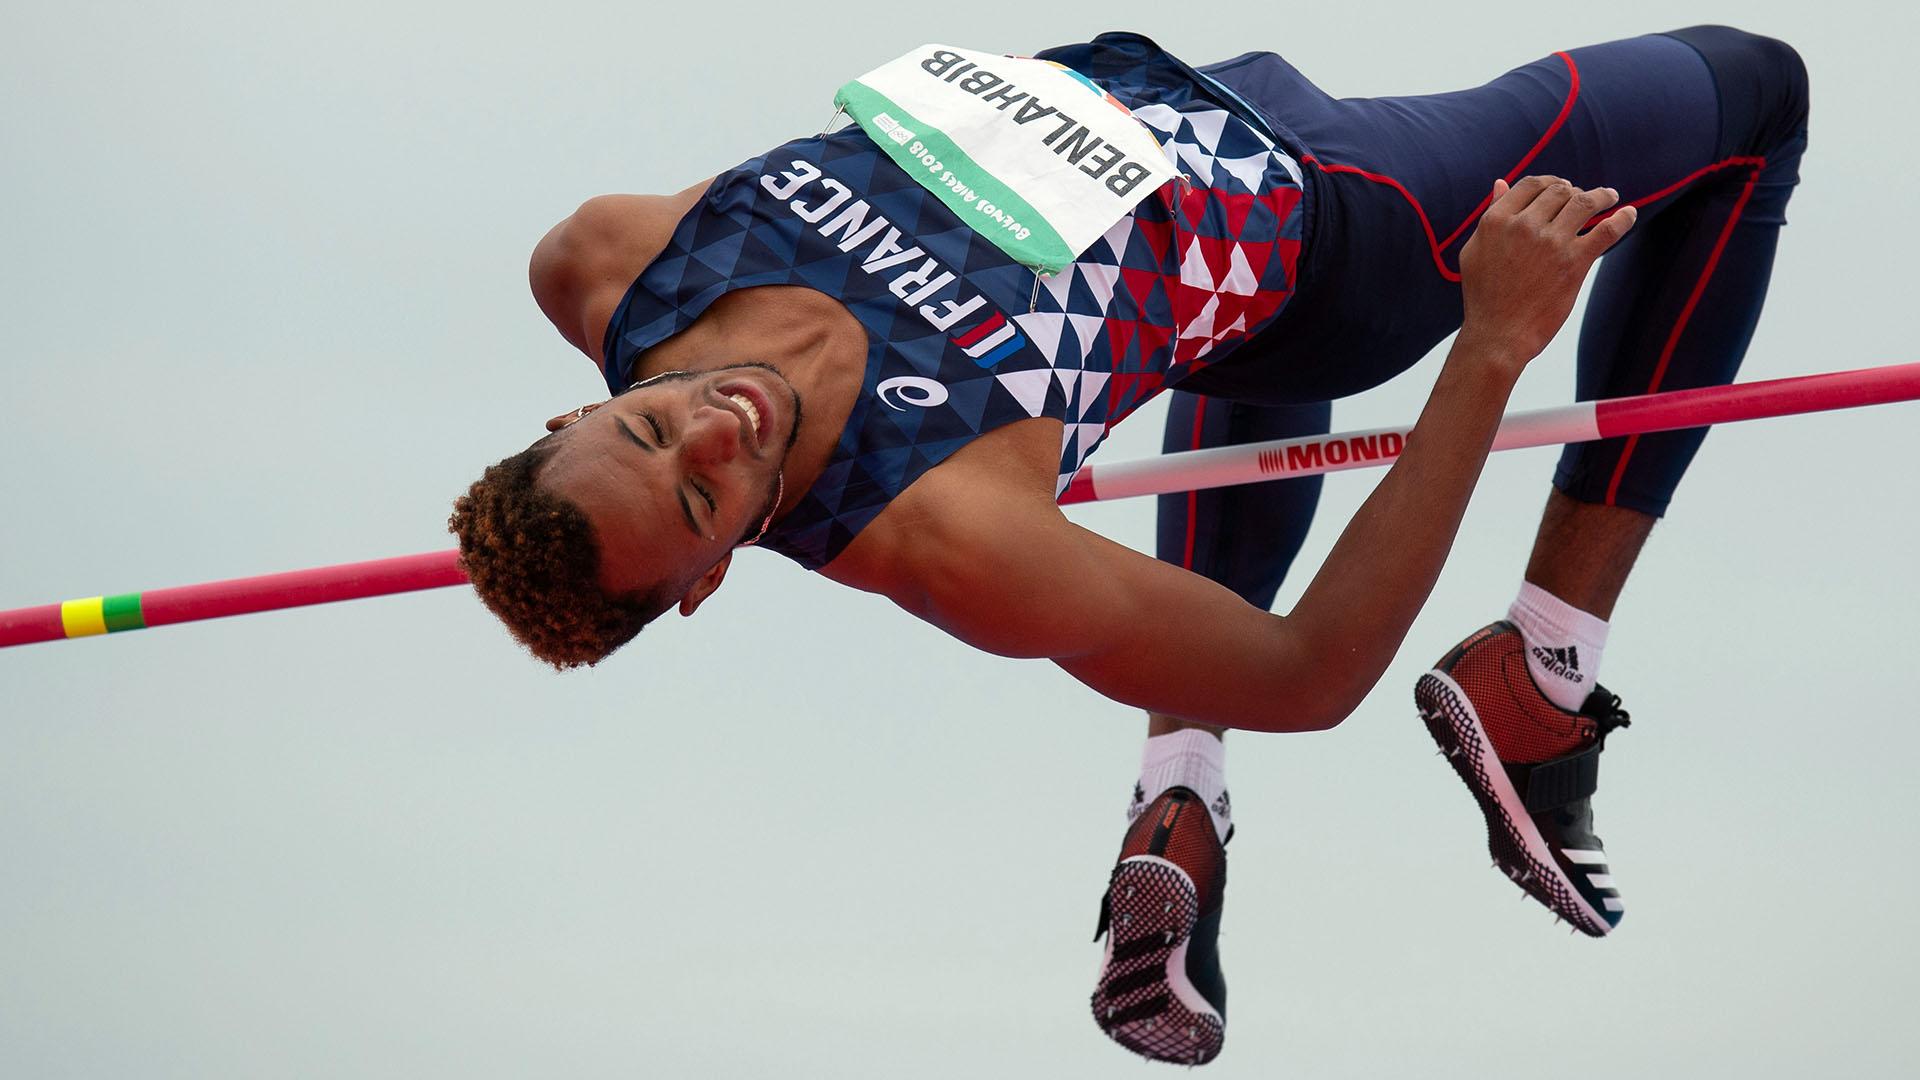 El francés Mohammed-Ali Benlahbib, en la competencia de salto en alto